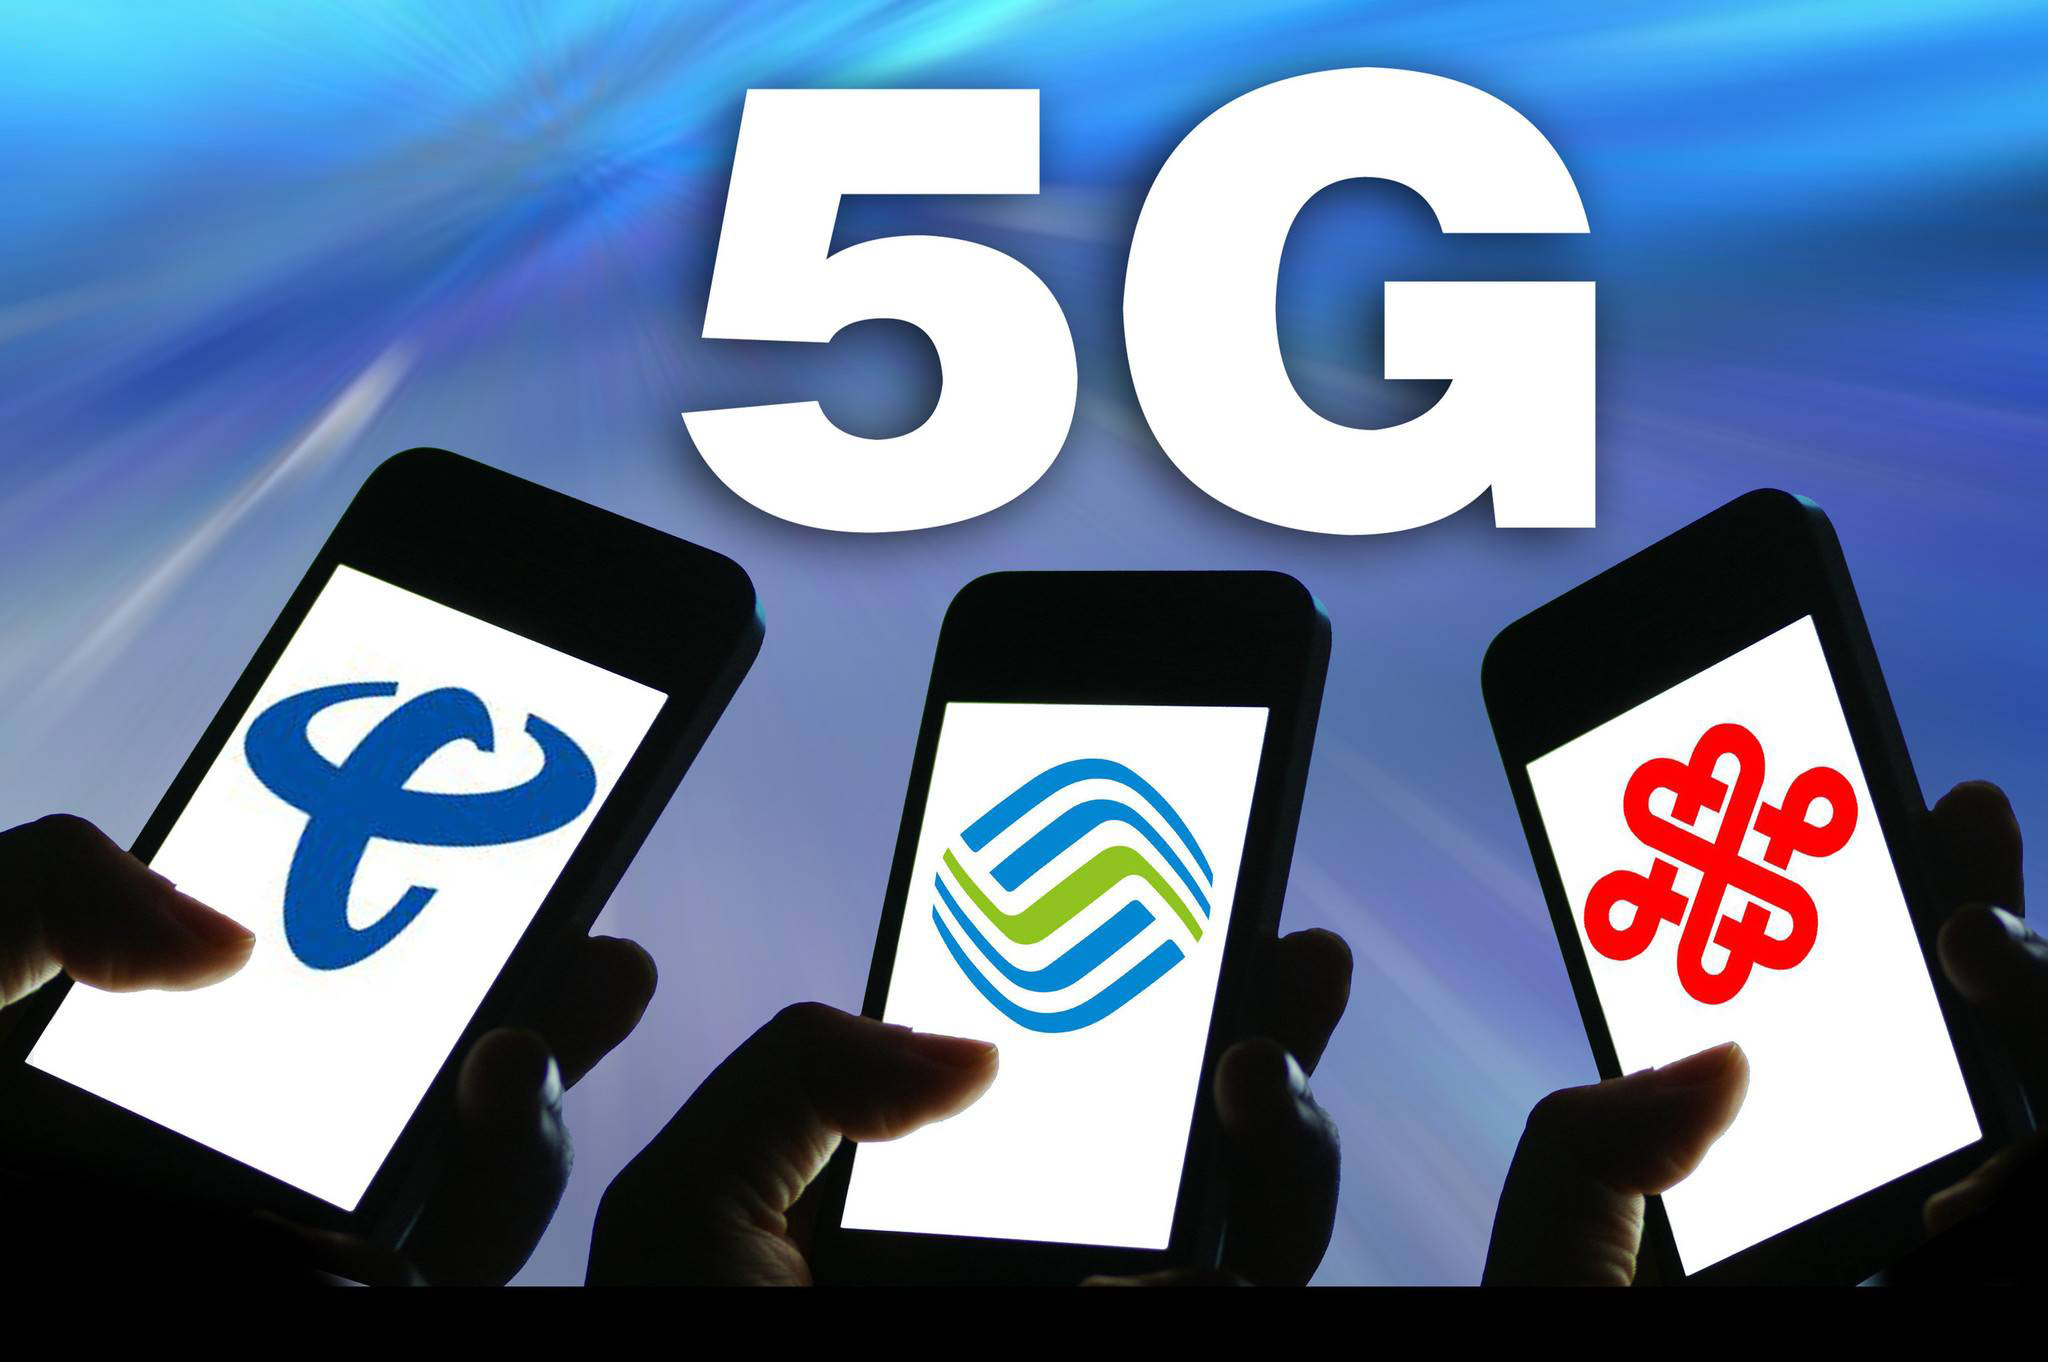 5G來了4G卻慢了?學會接入專用高速通道,4G也能提速十倍!